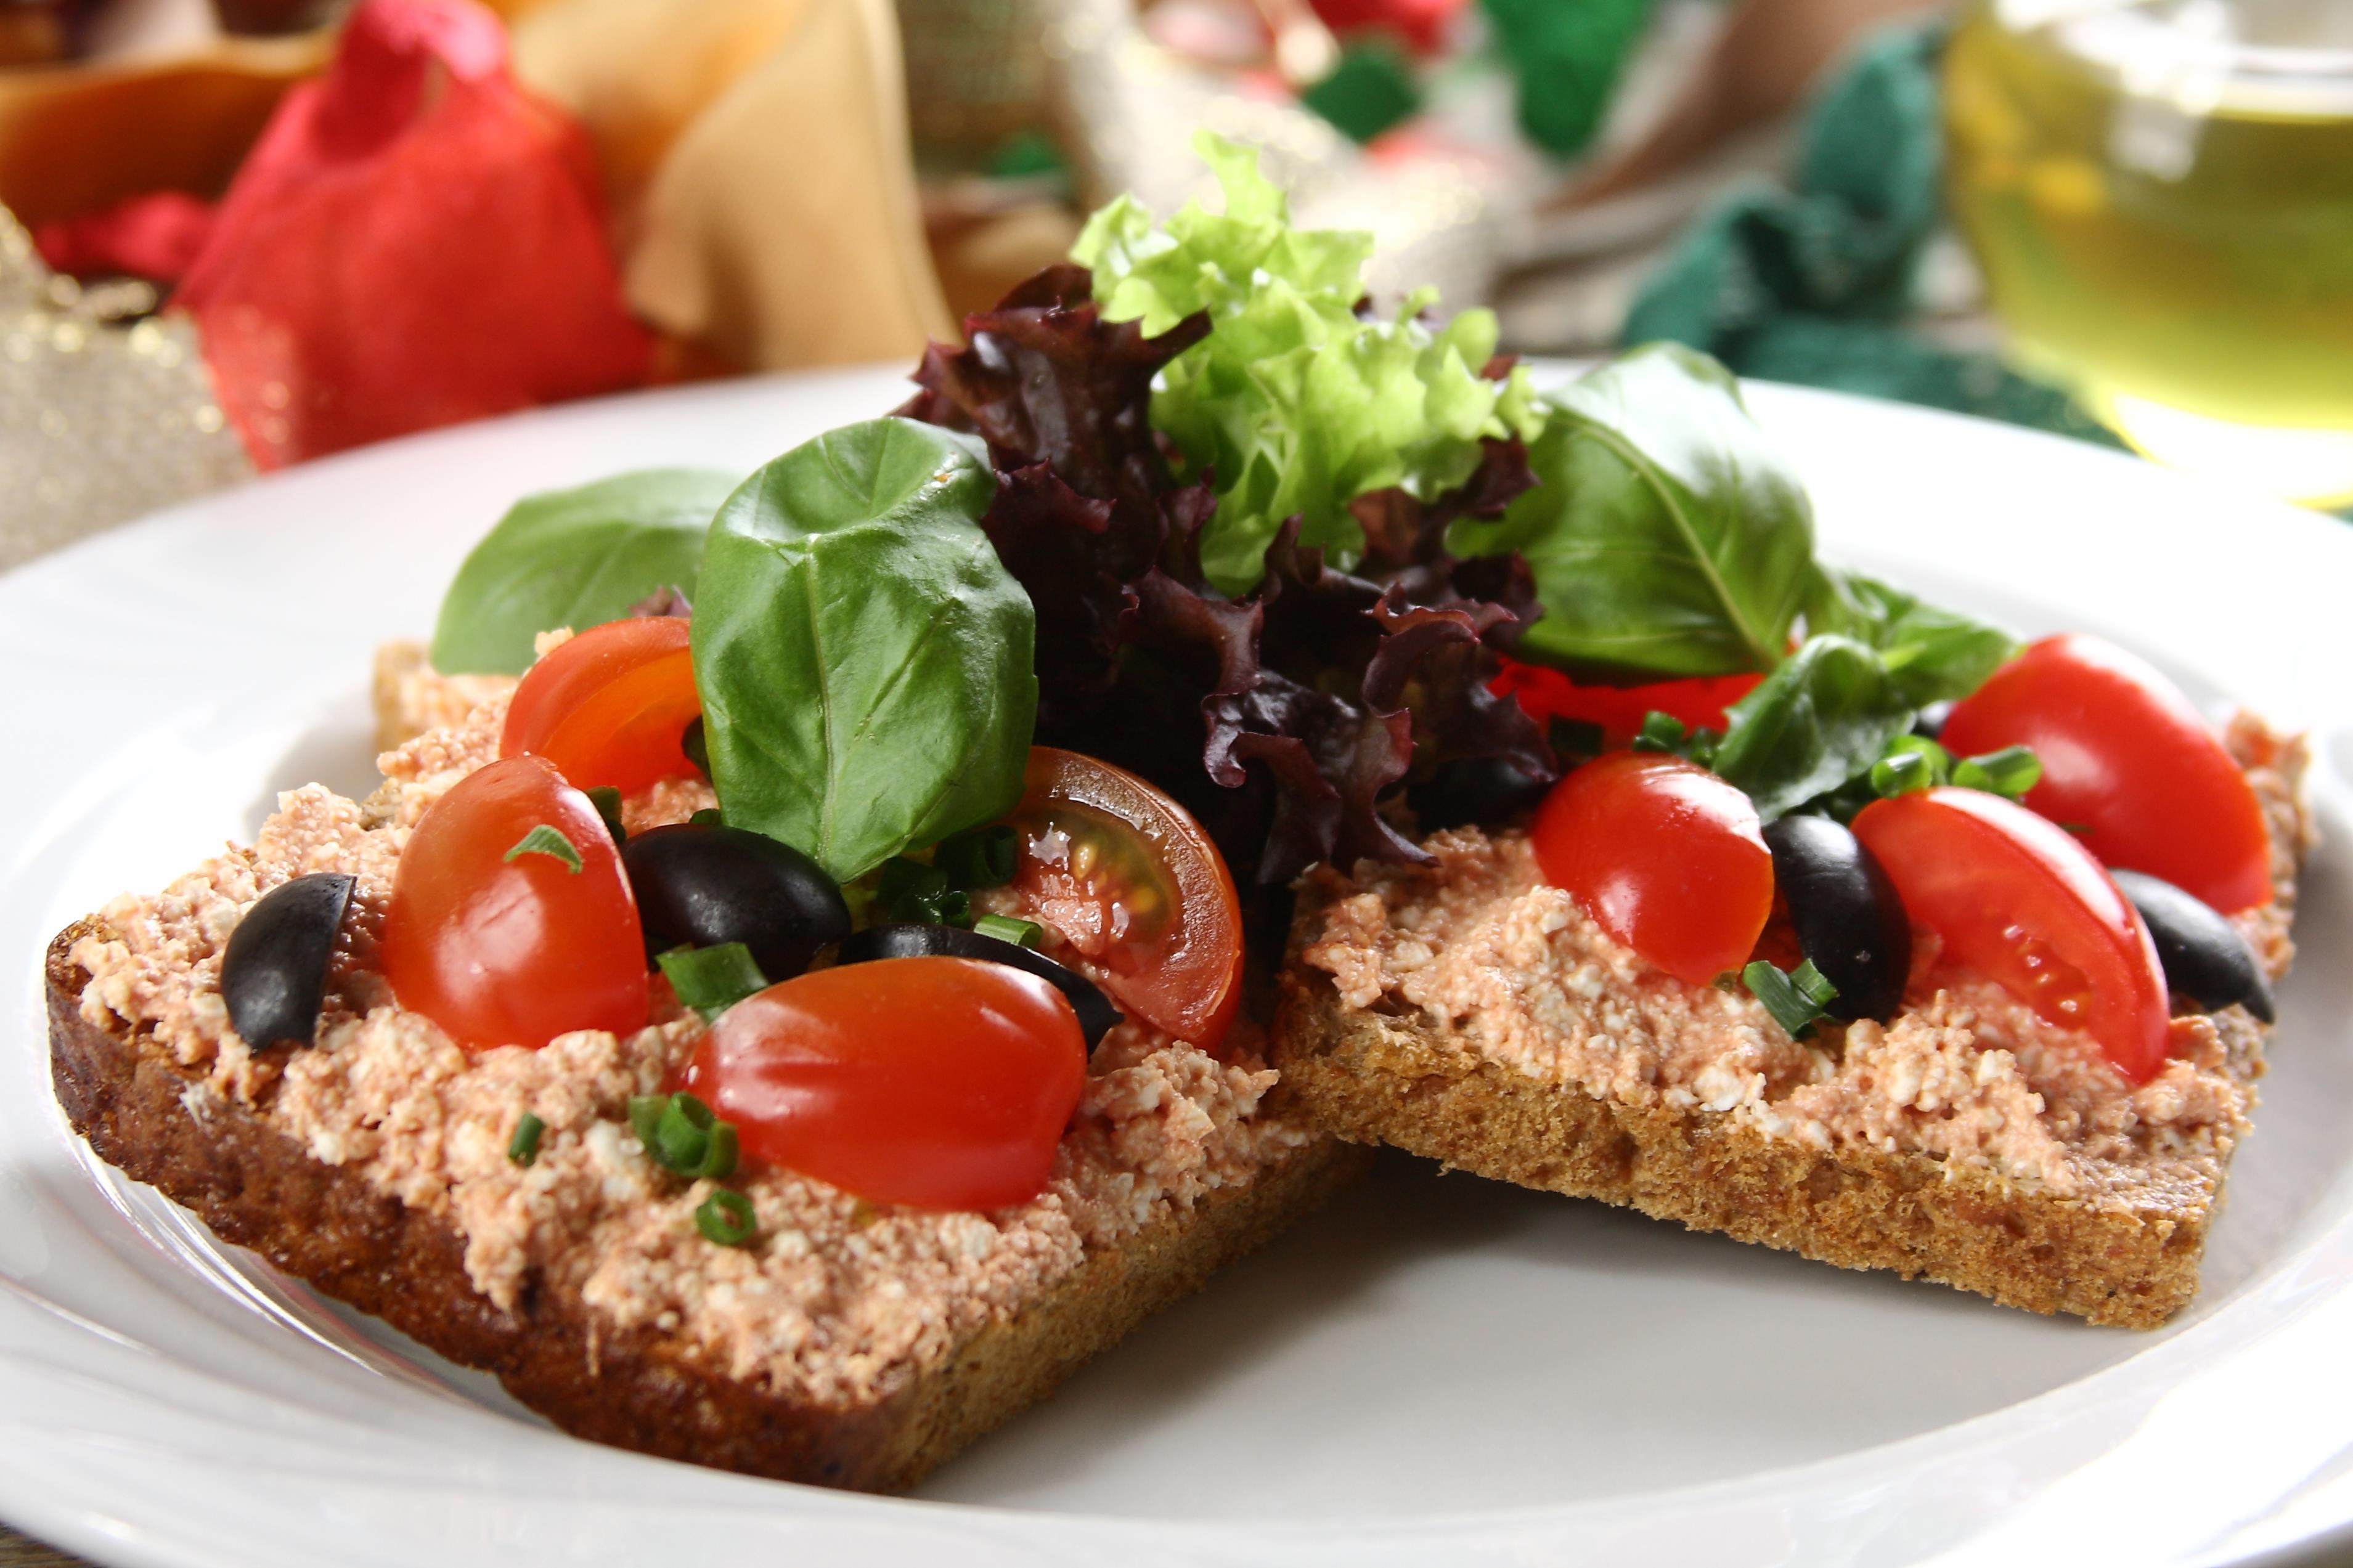 kanapki-z-wloska-pasta-pomidorowa